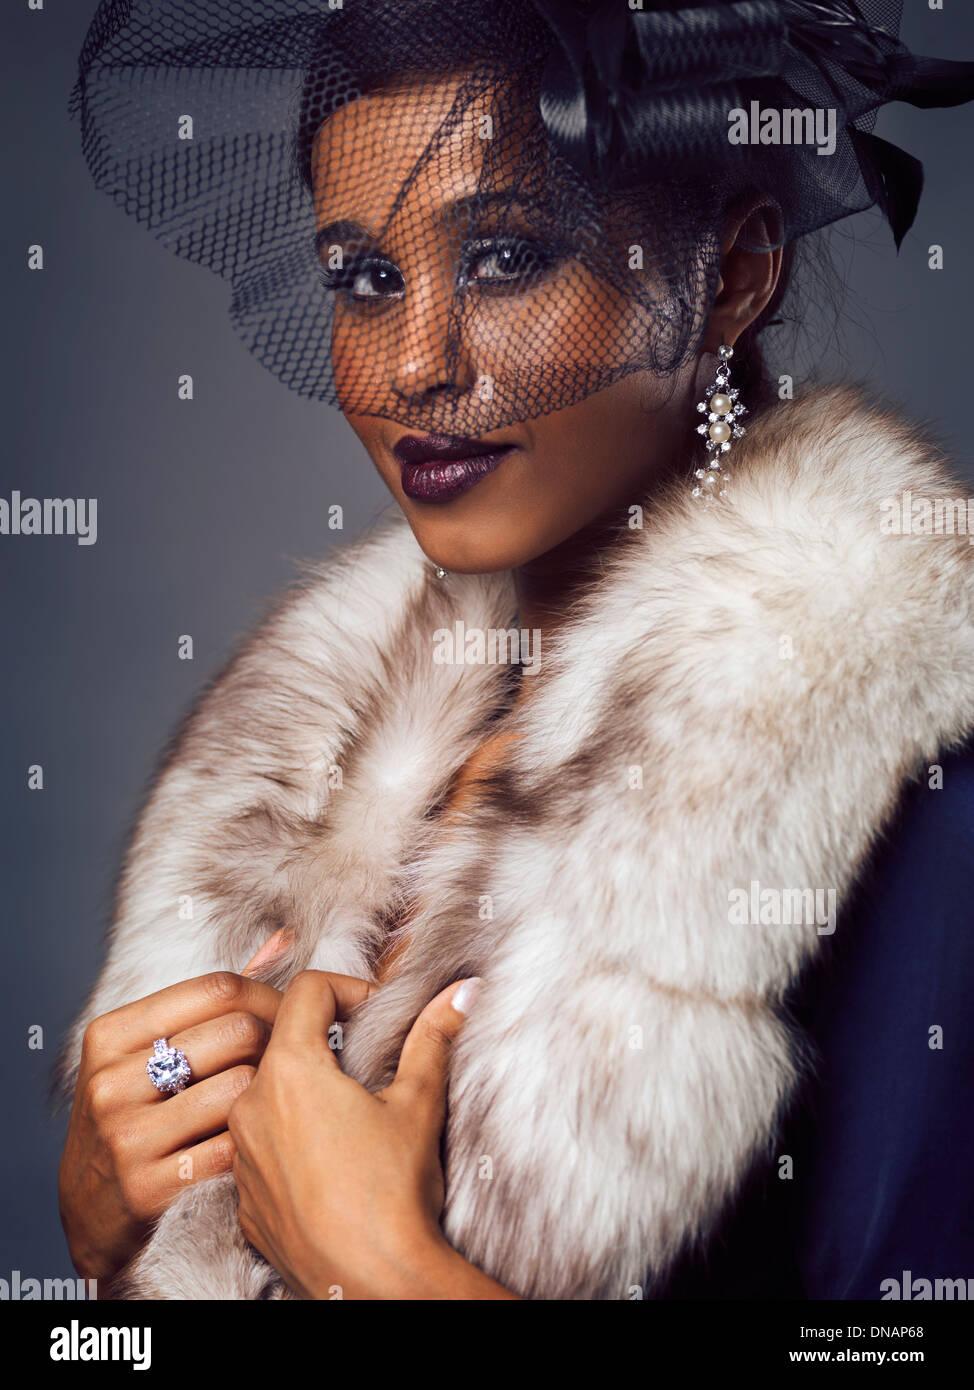 Belleza retrato de una sonriente joven negra vistiendo pieles y velo negro que le cubre el rostro Imagen De Stock